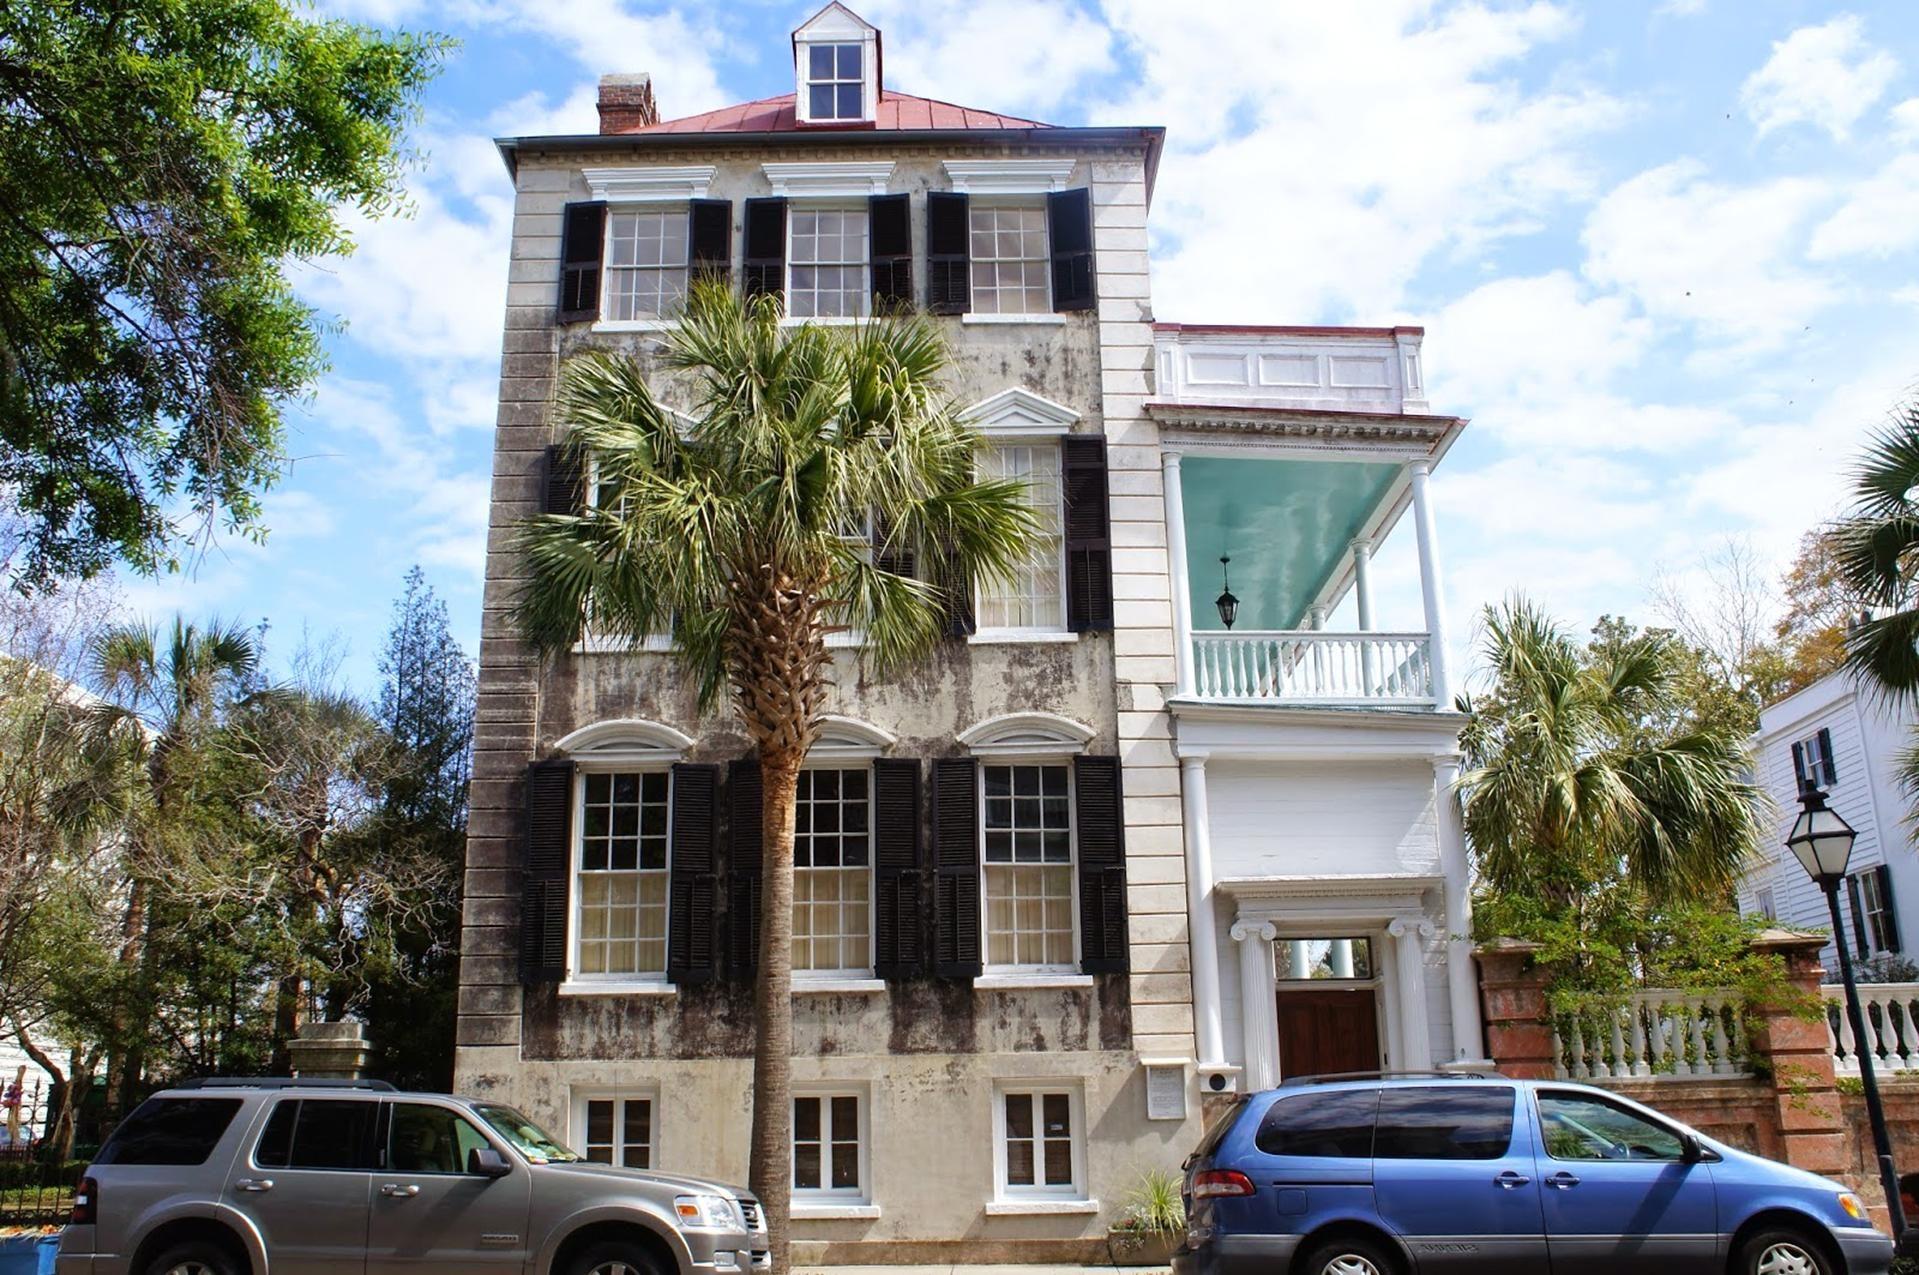 Palme, Städtisch, Architektur, Luxus, Haus, Straße, Außen, Fassade, Palast